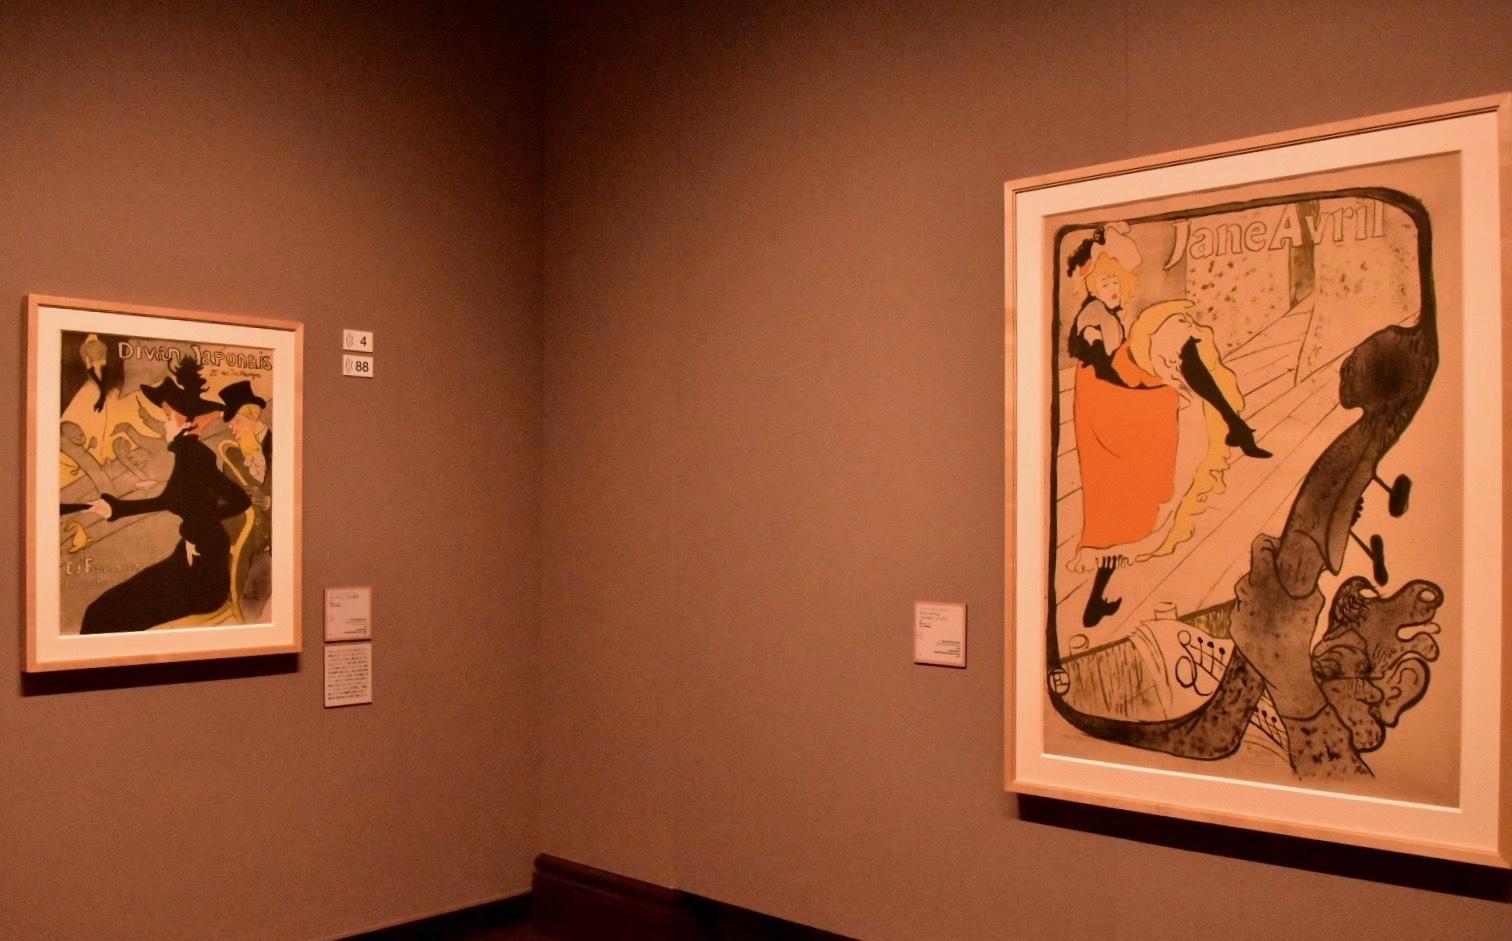 左:アンリ・ド・トゥールーズ=ロートレック《ディヴァン・ジャポネ》1893年  右:アンリ・ド・トゥールーズ=ロートレック《ジャヌ・アヴリル(ジャルダン・ド・パリ)》1893年